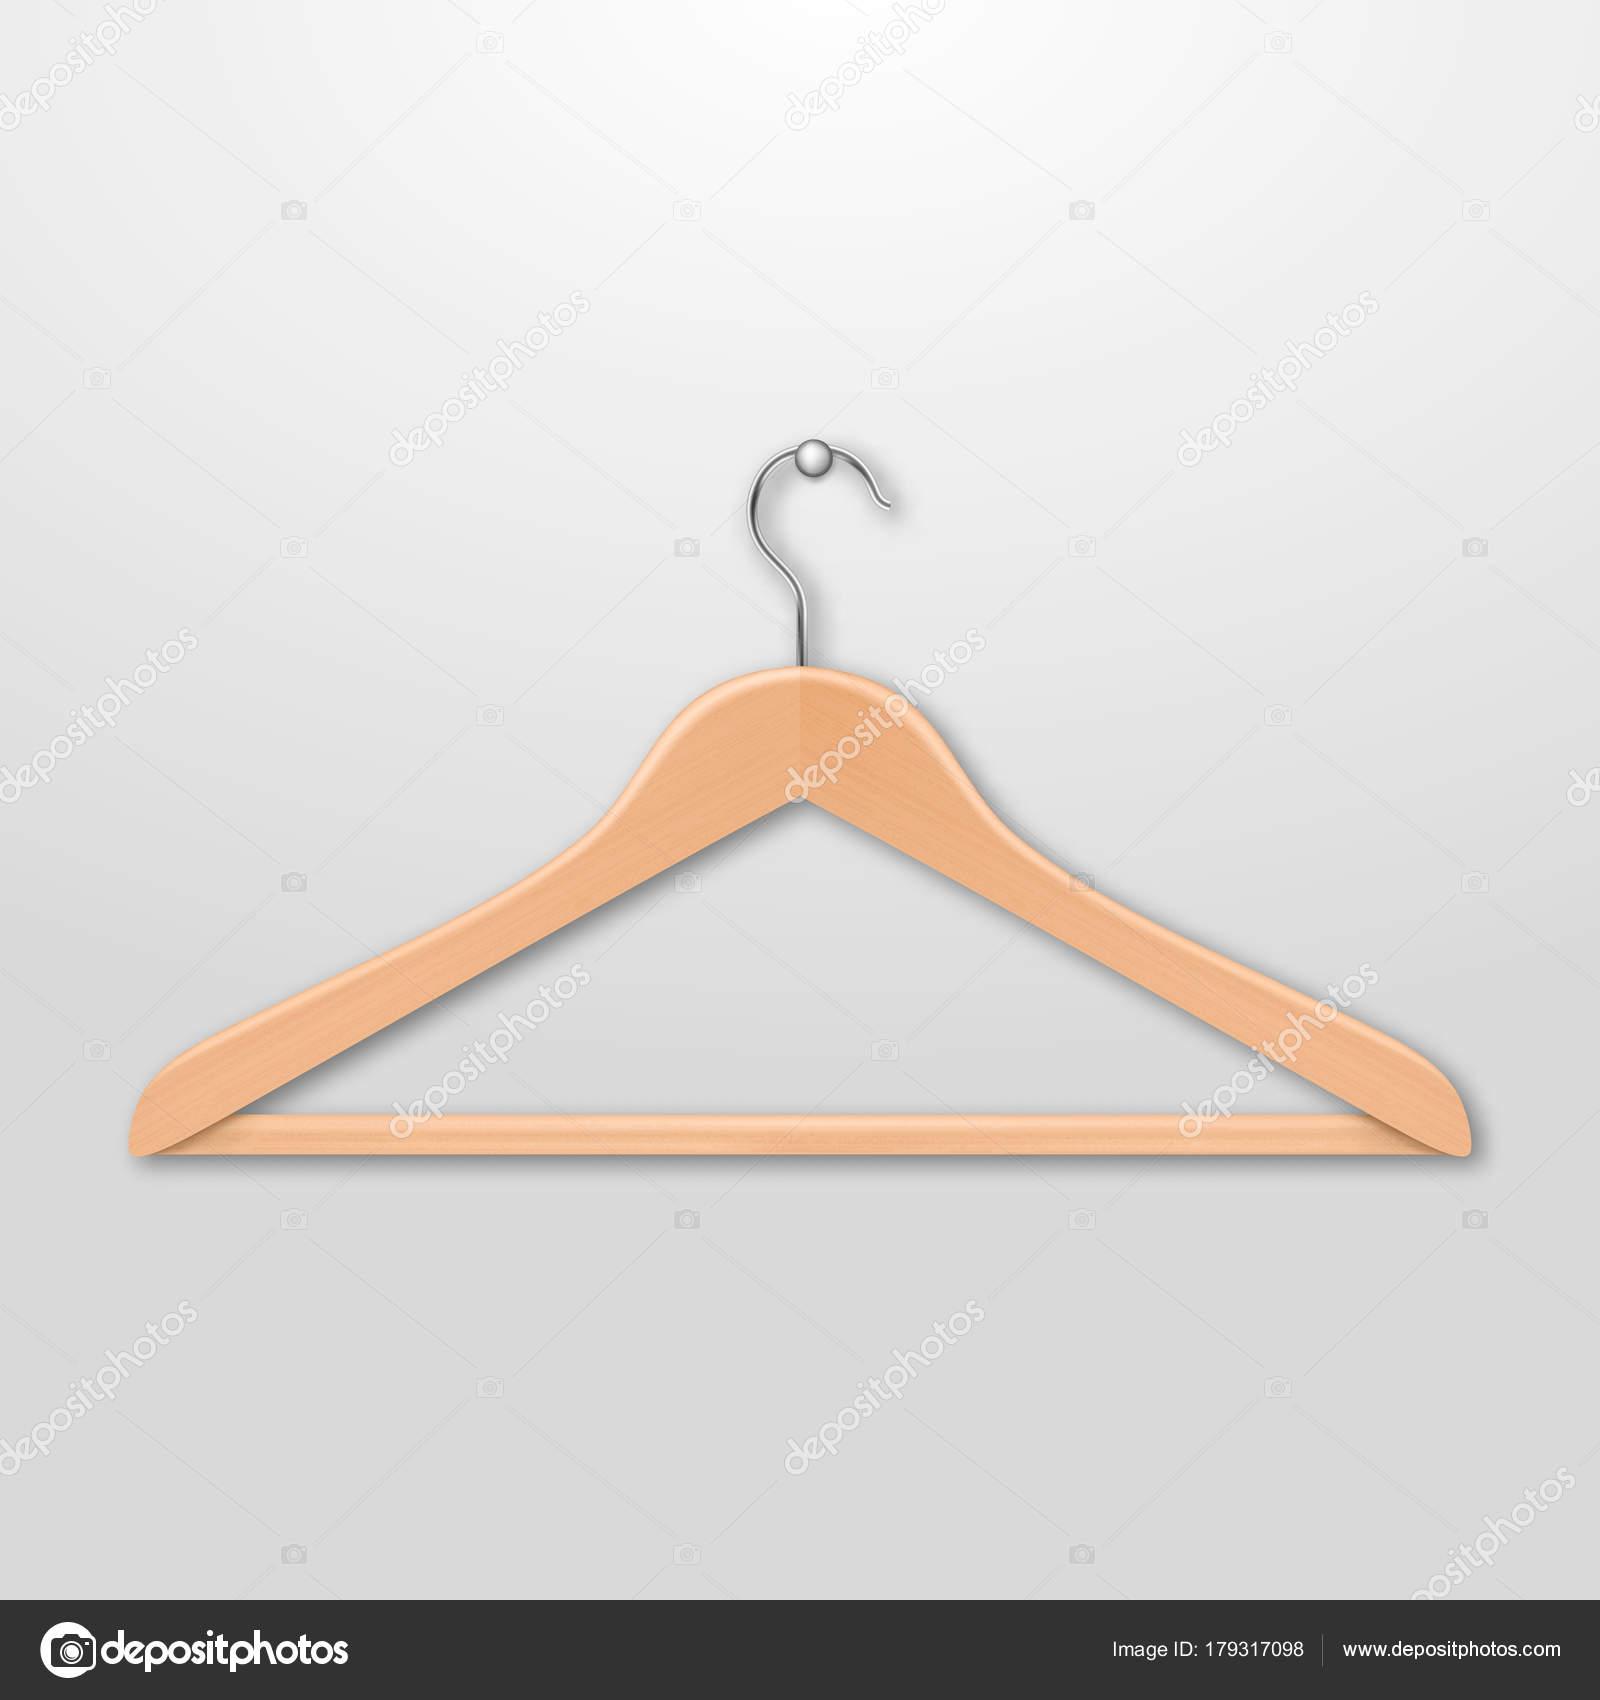 Realistische Vektor Kleidung aus Holz Kleiderbügel hautnah isoliert ...